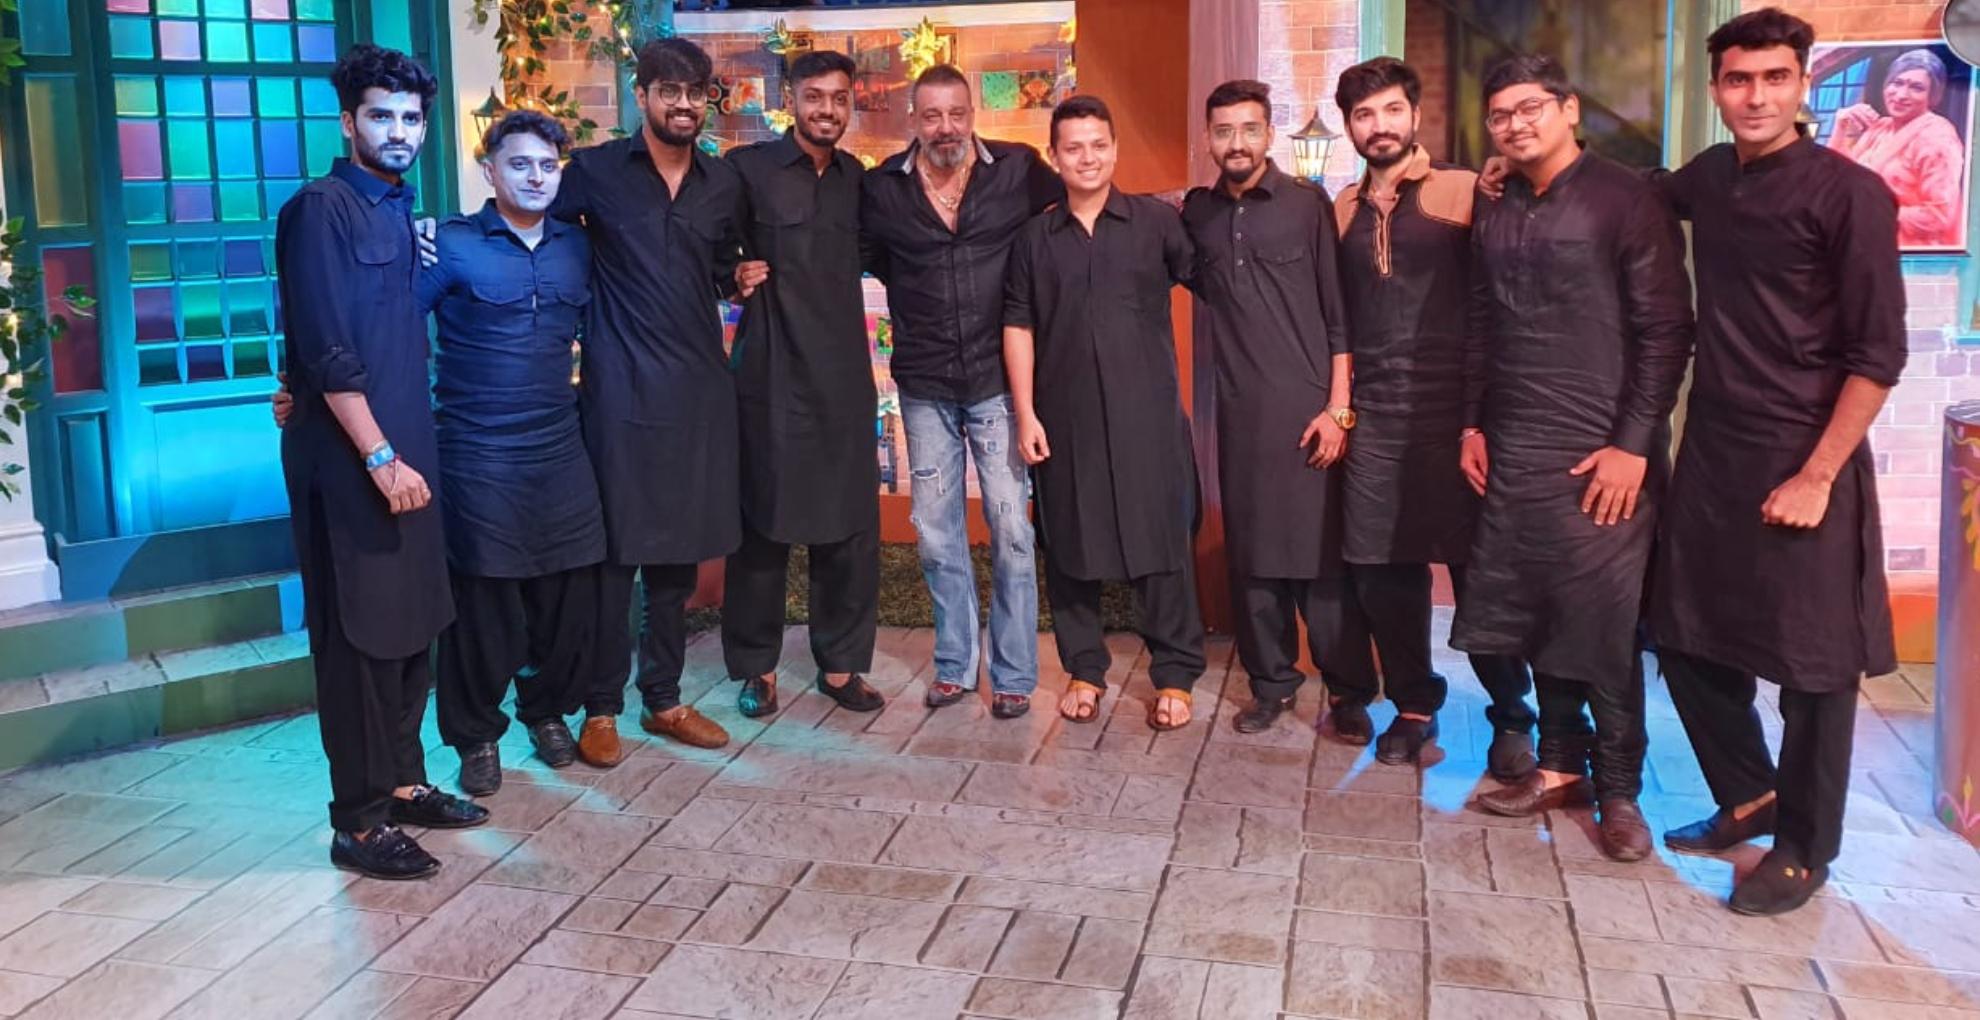 Prassthanam Movie: कपिल शर्मा के शो पर पहुंचे संजय दत्त, सेट से आई तस्वीर में दिखा एक्टर का दमदार लुक